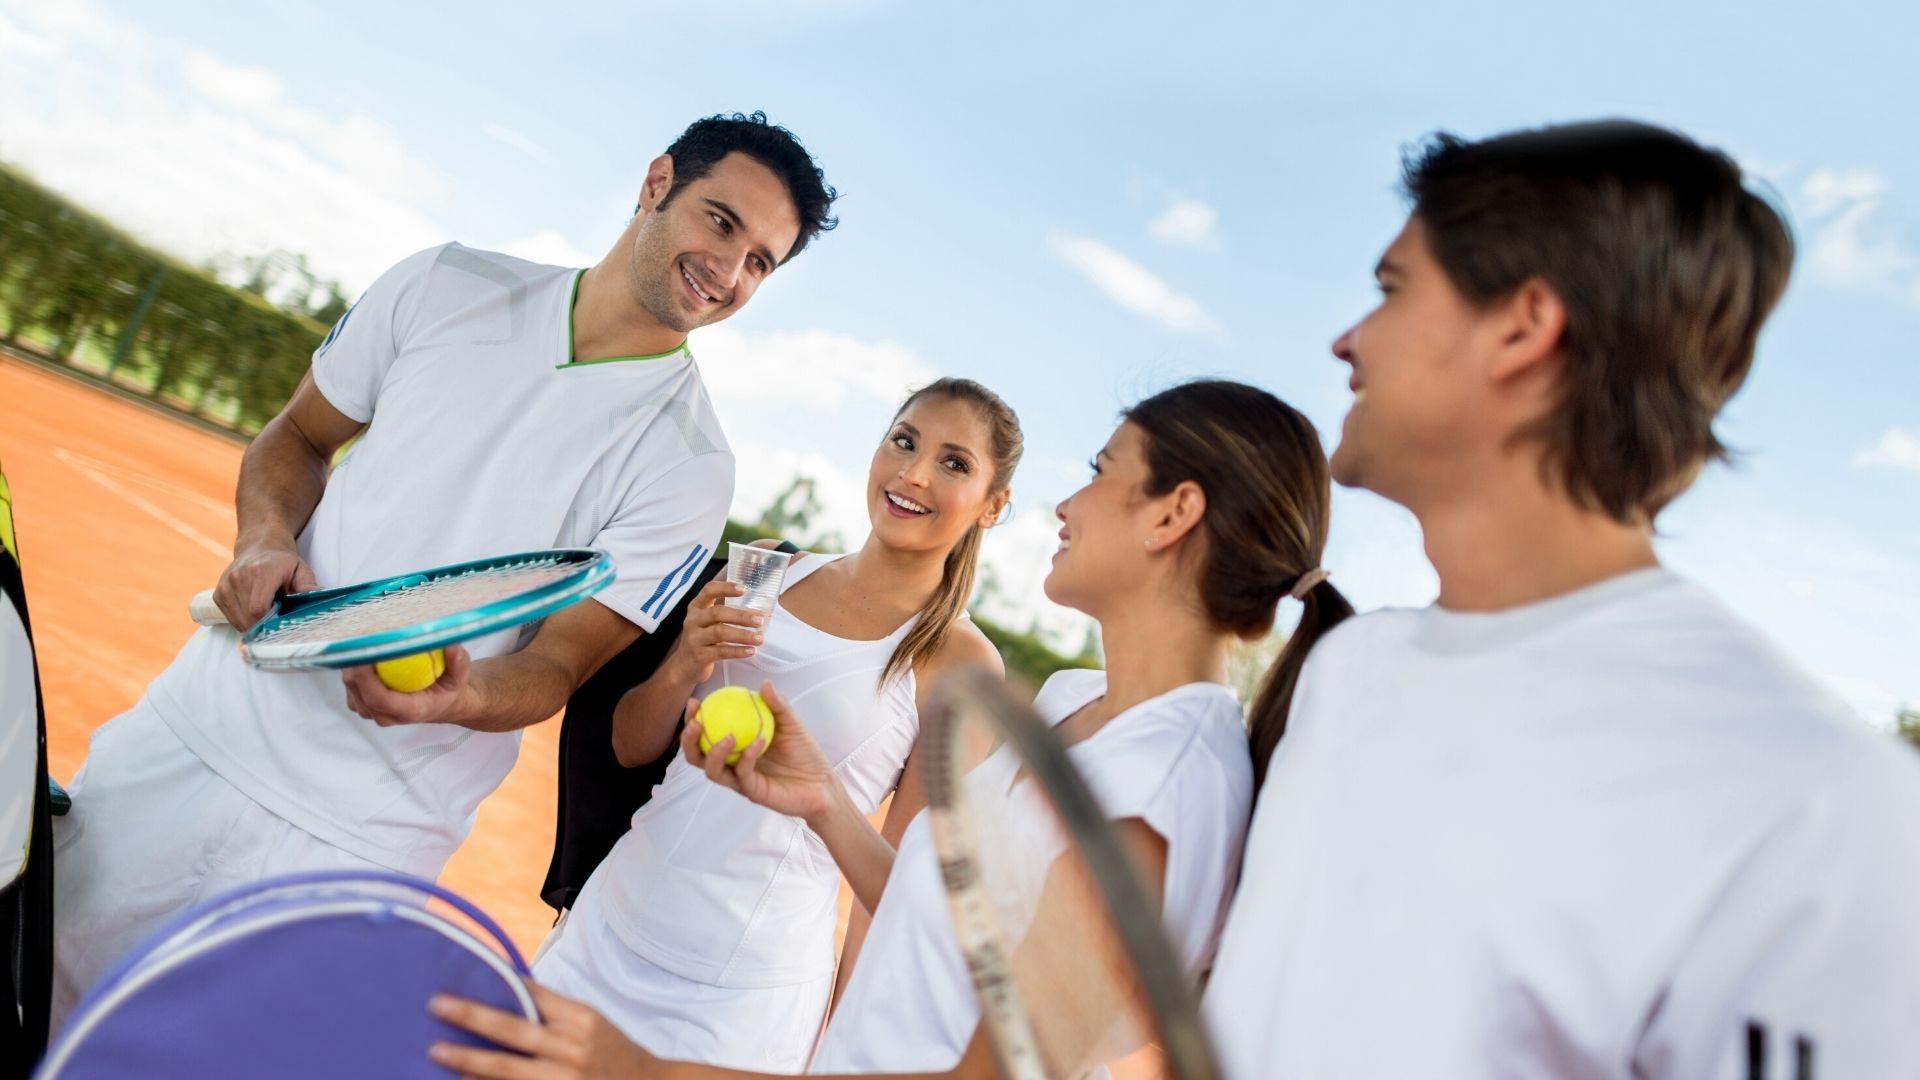 http://tennisclubvomero.it/Area%20Riservata%20Soci